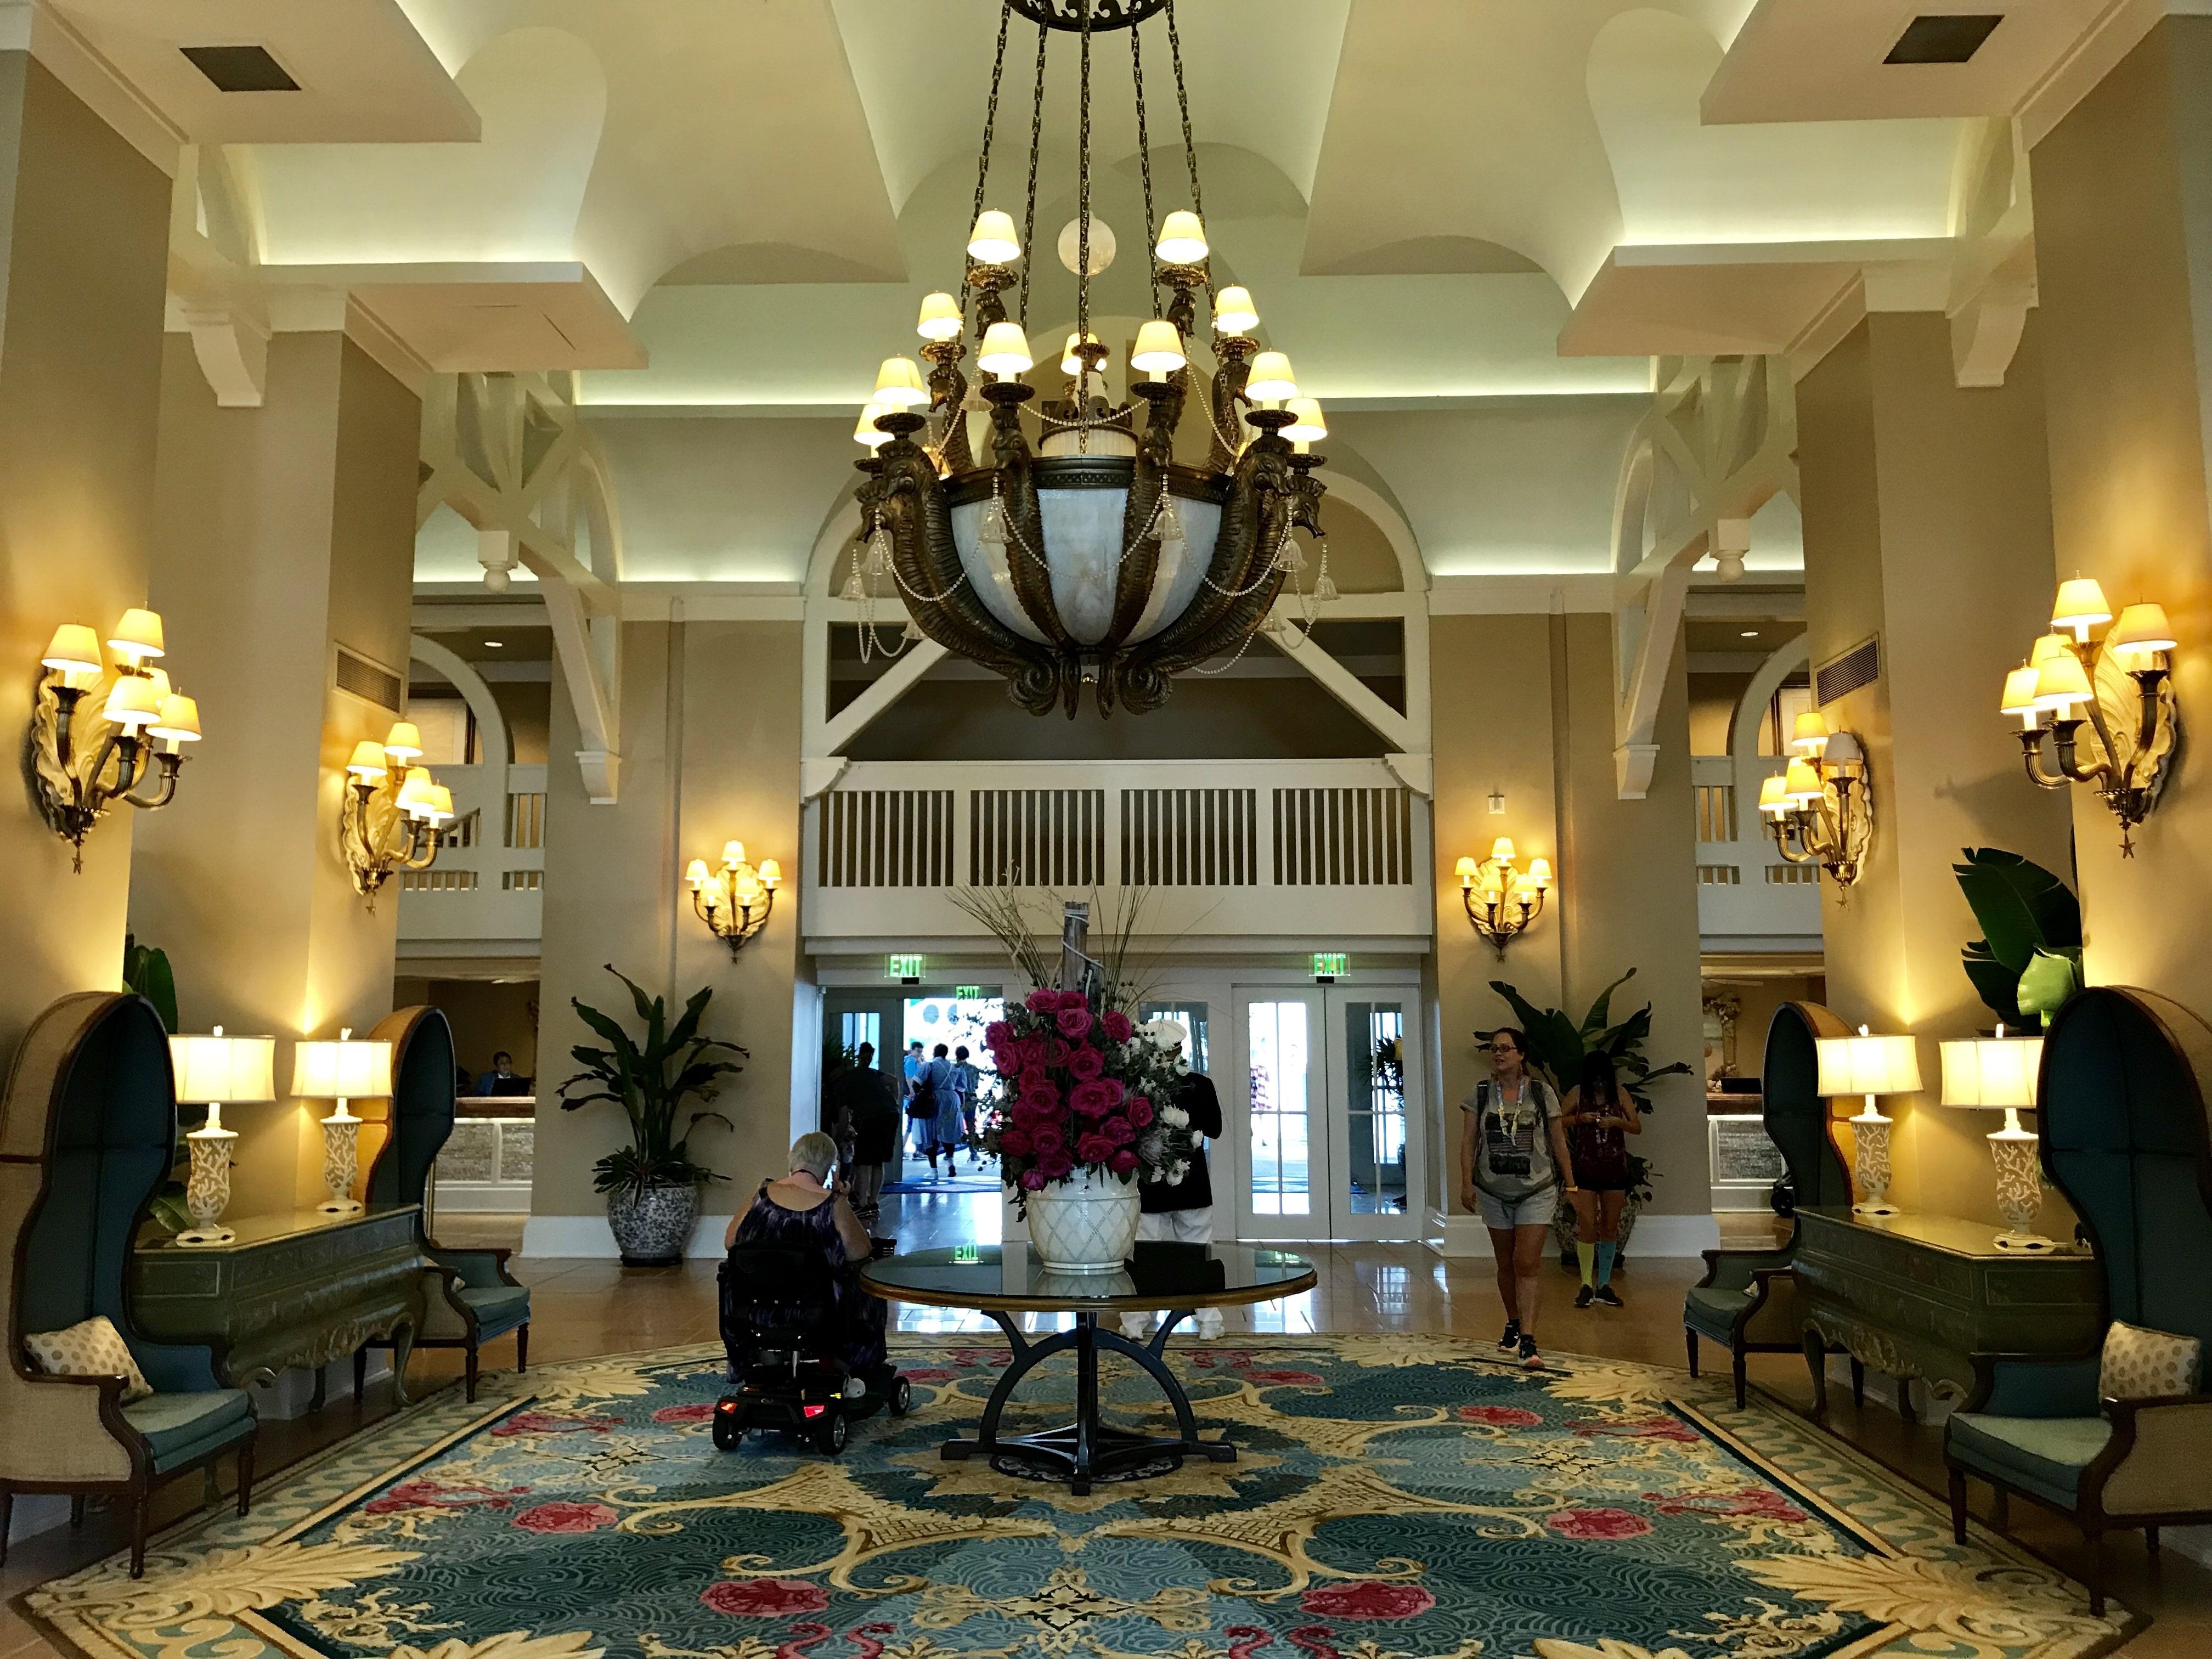 Disney's Beach Club Lobby Entrance #disneyworld #disneybeachclub #disneyhotel #disneyresort